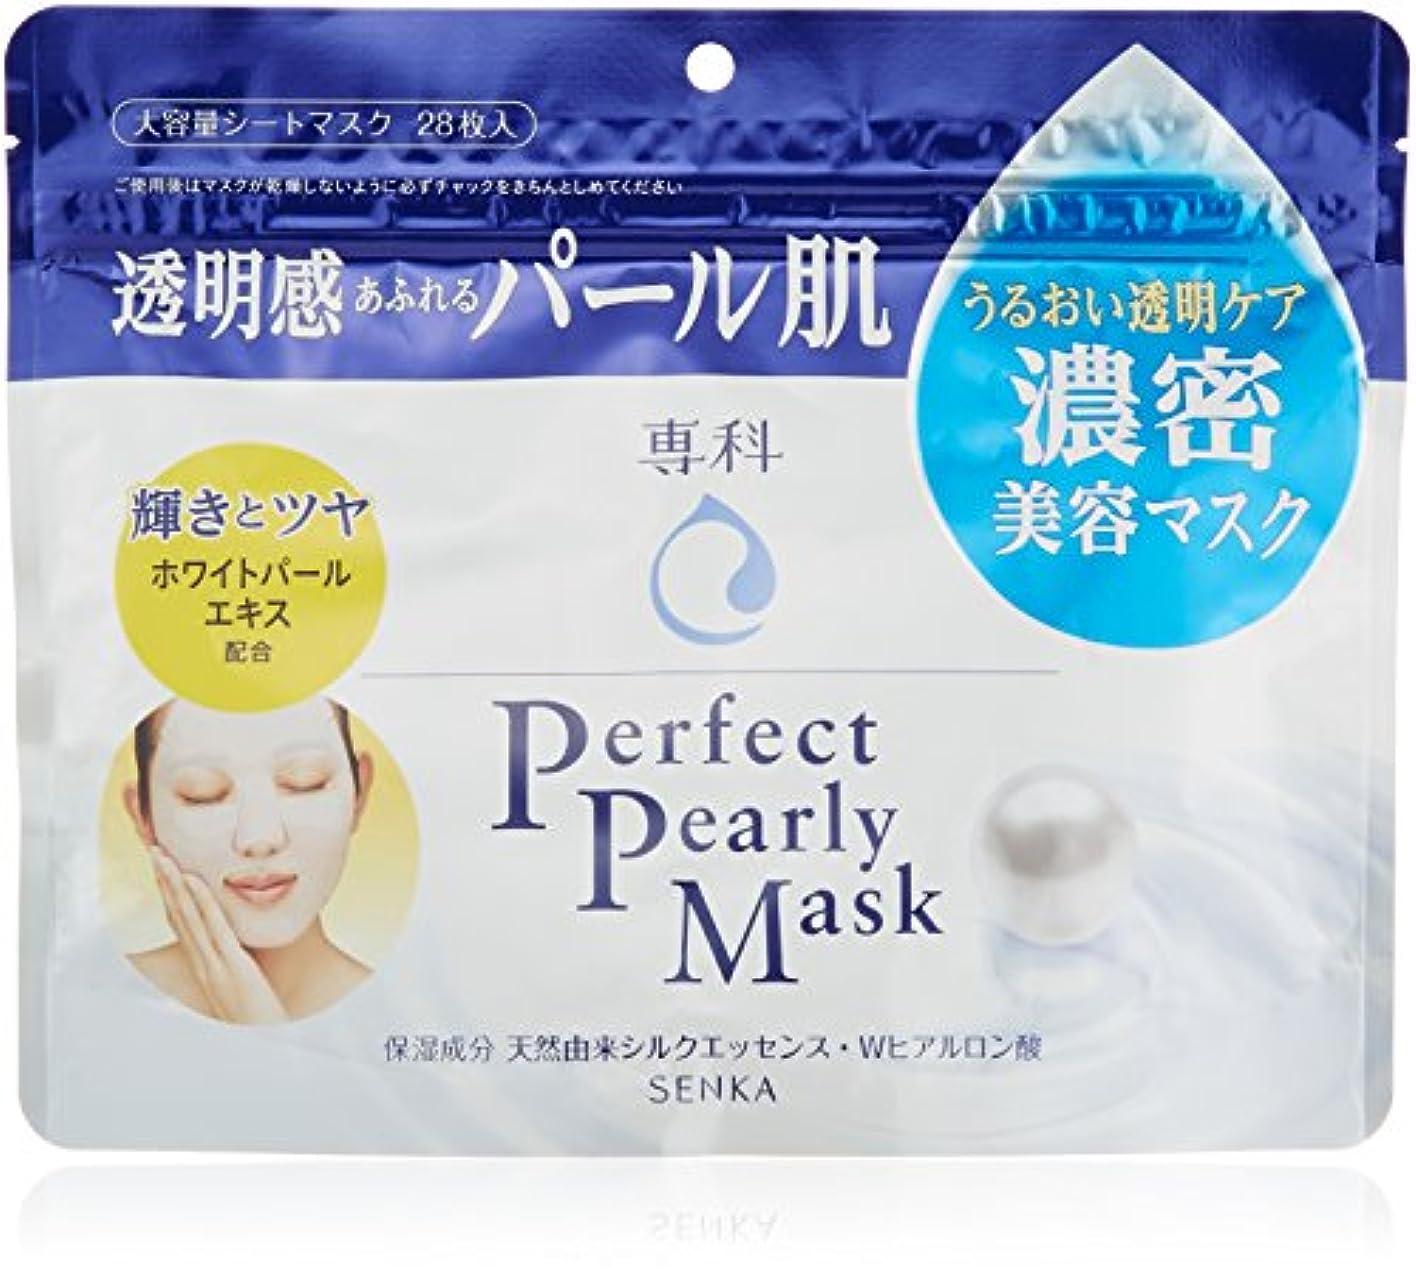 ルート複数流す専科 パーフェクトパーリーマスク シート状 美容マスク 28枚